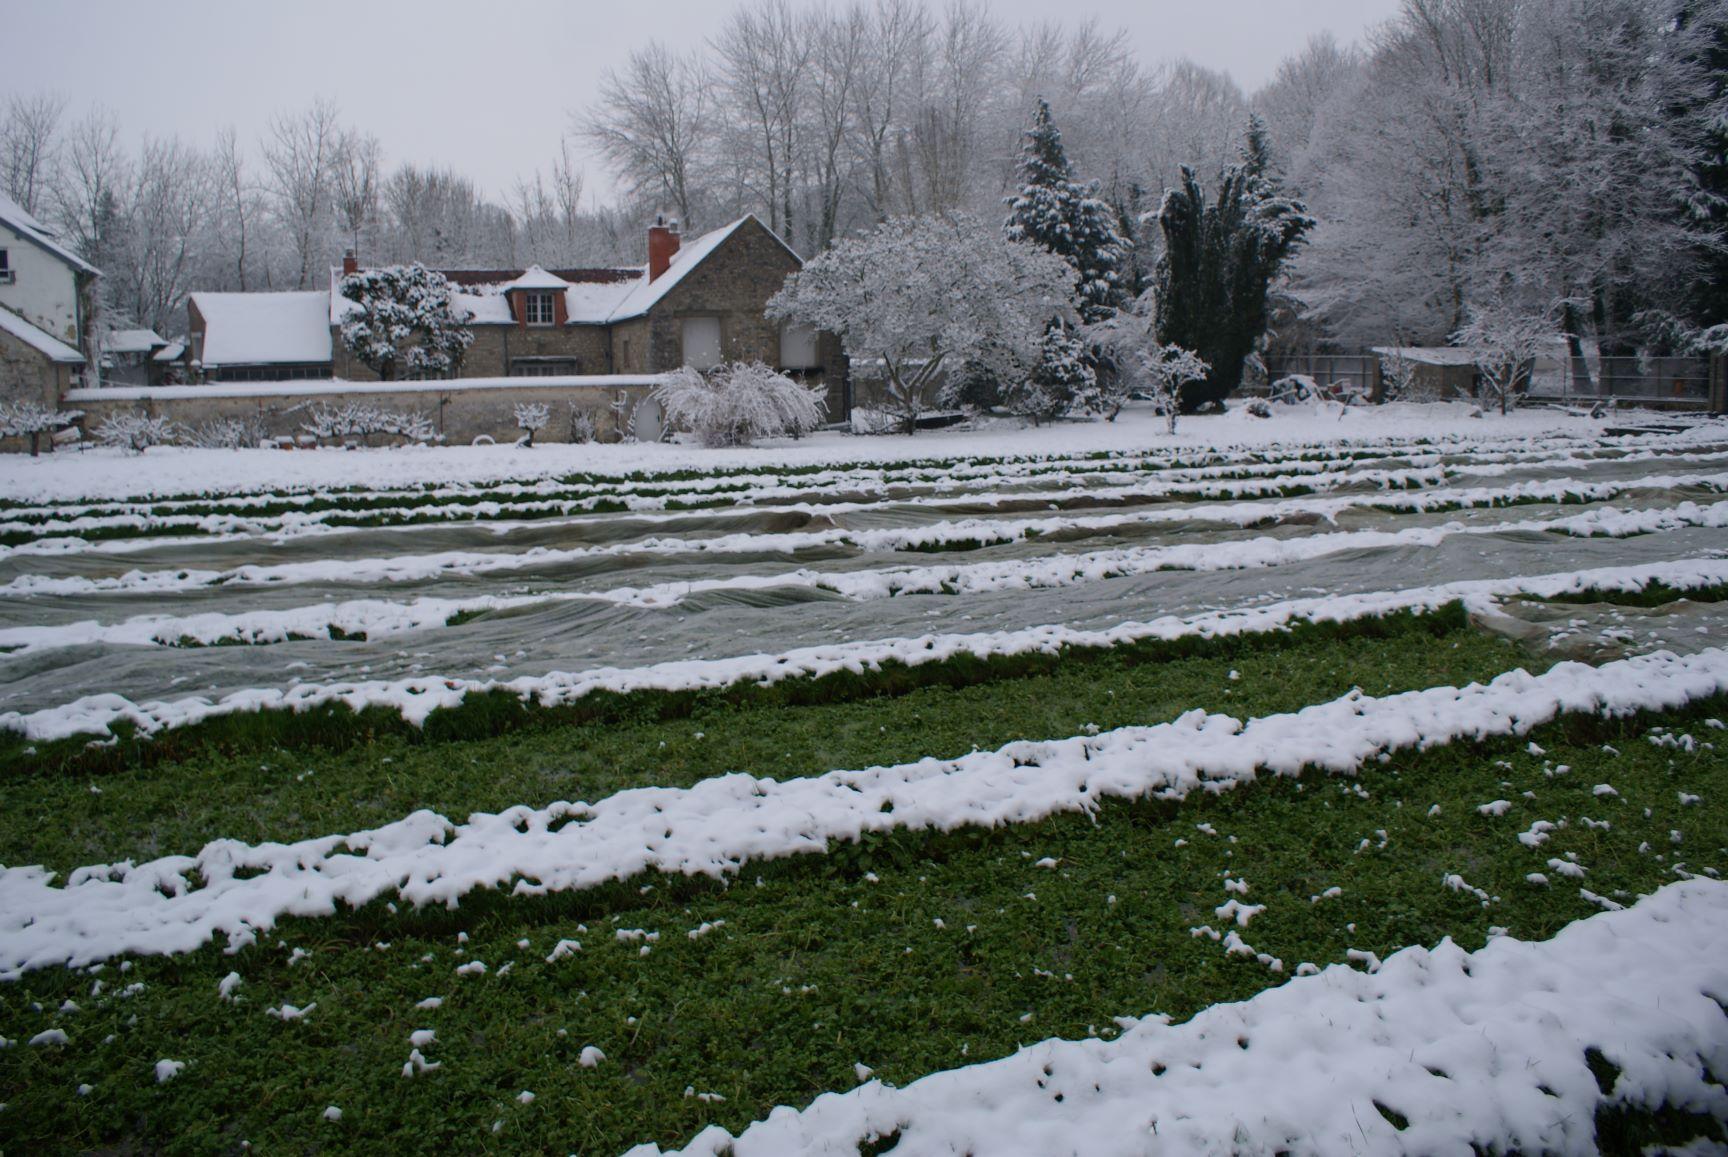 Cressonniere-sous-la-neige-DSC01853